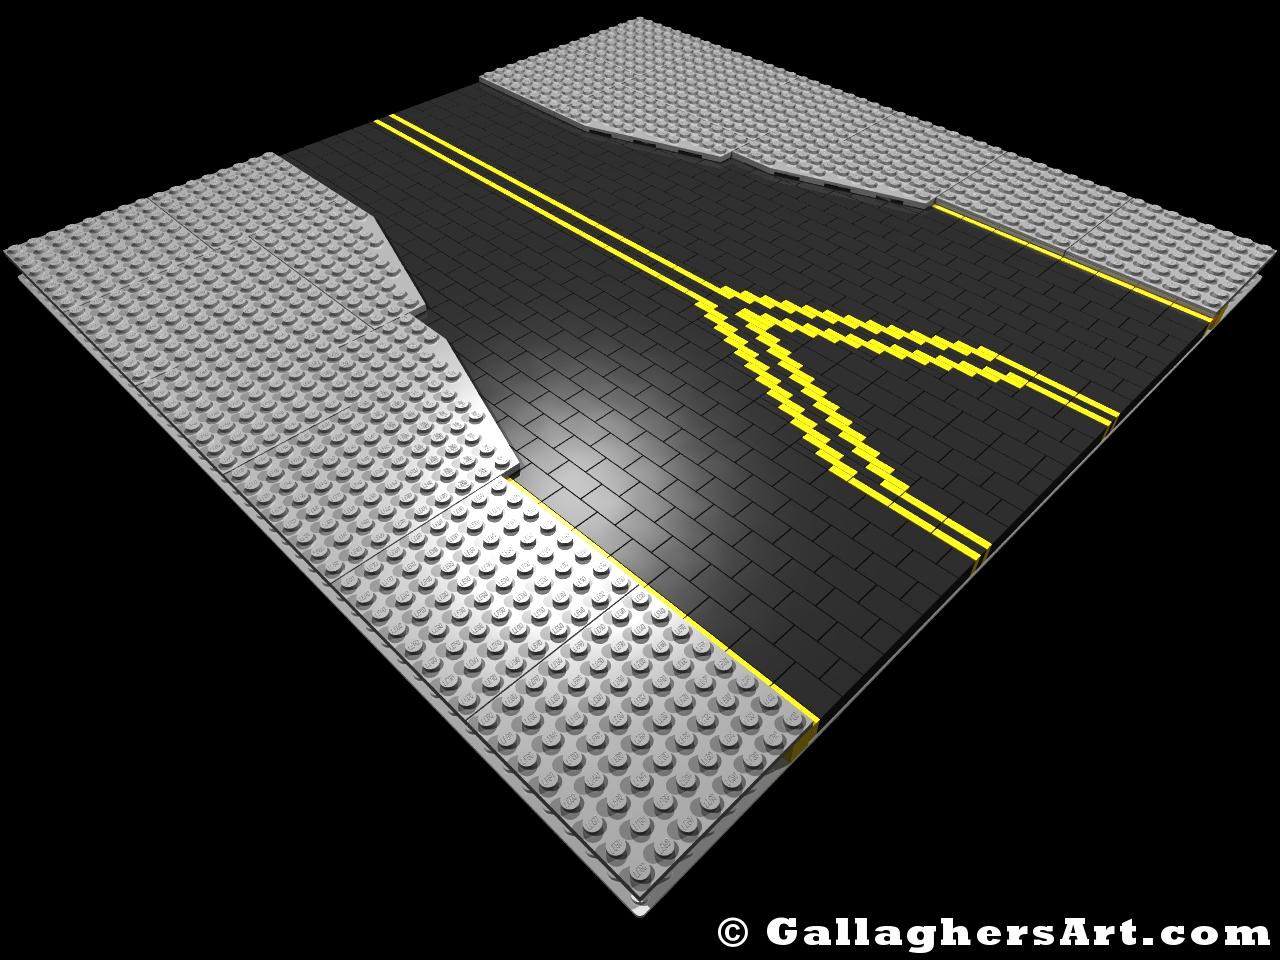 sp01_stms_01.jpg from Custom SNOT Roads SP01